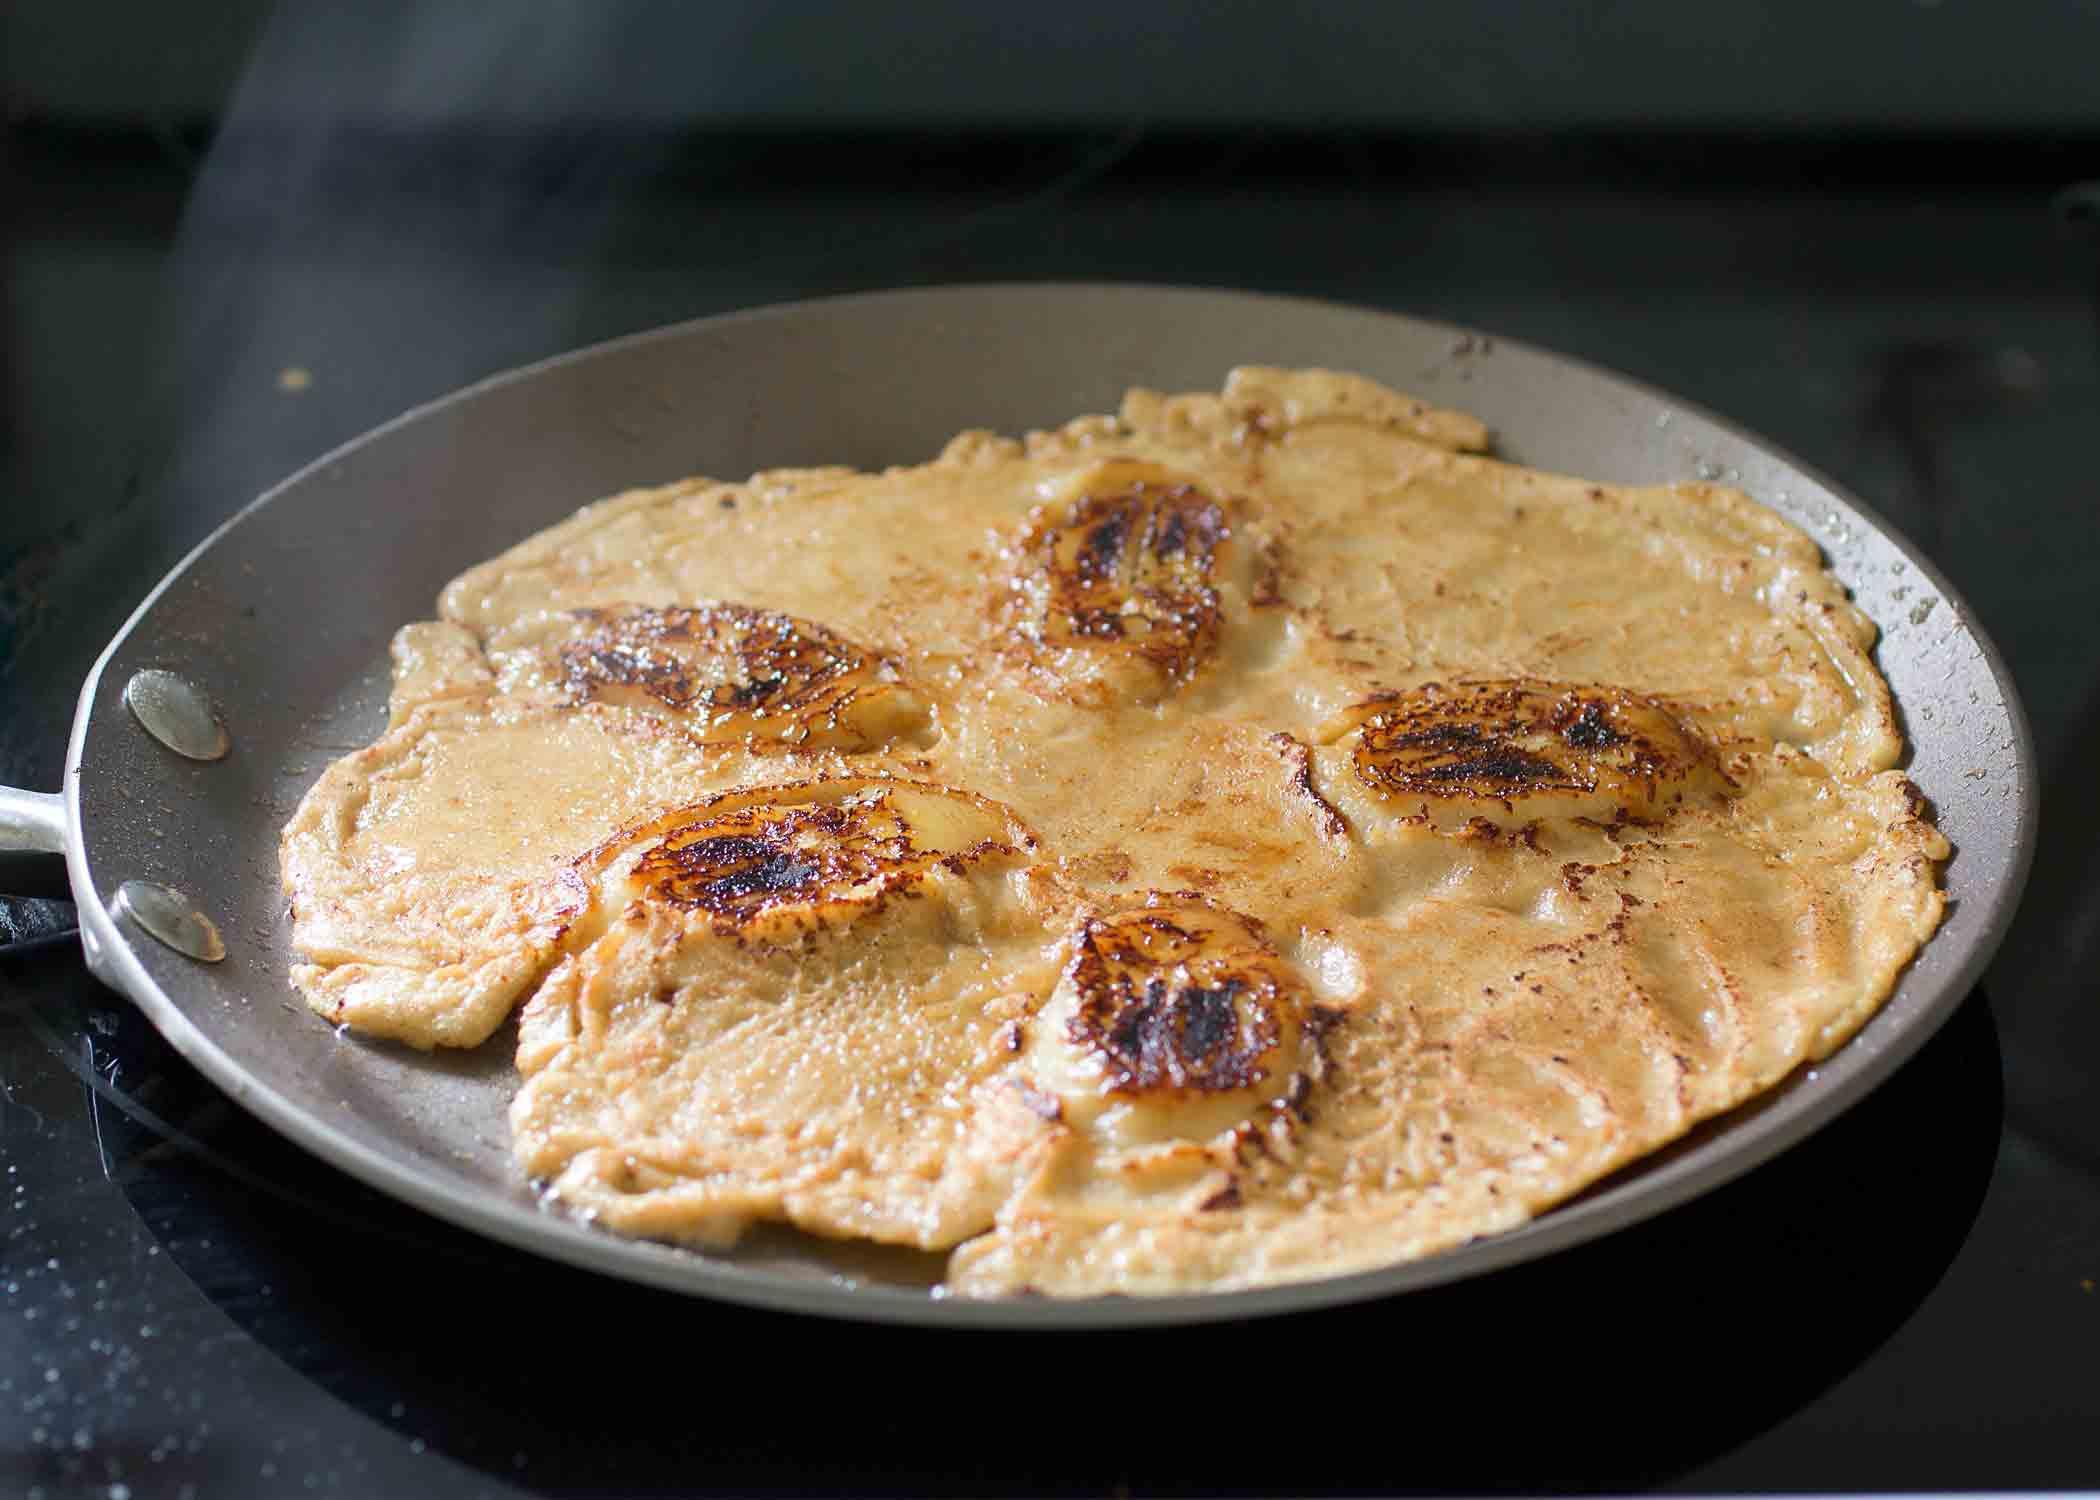 fresh orange and banana crepes: inspired by balinese banana pancakes